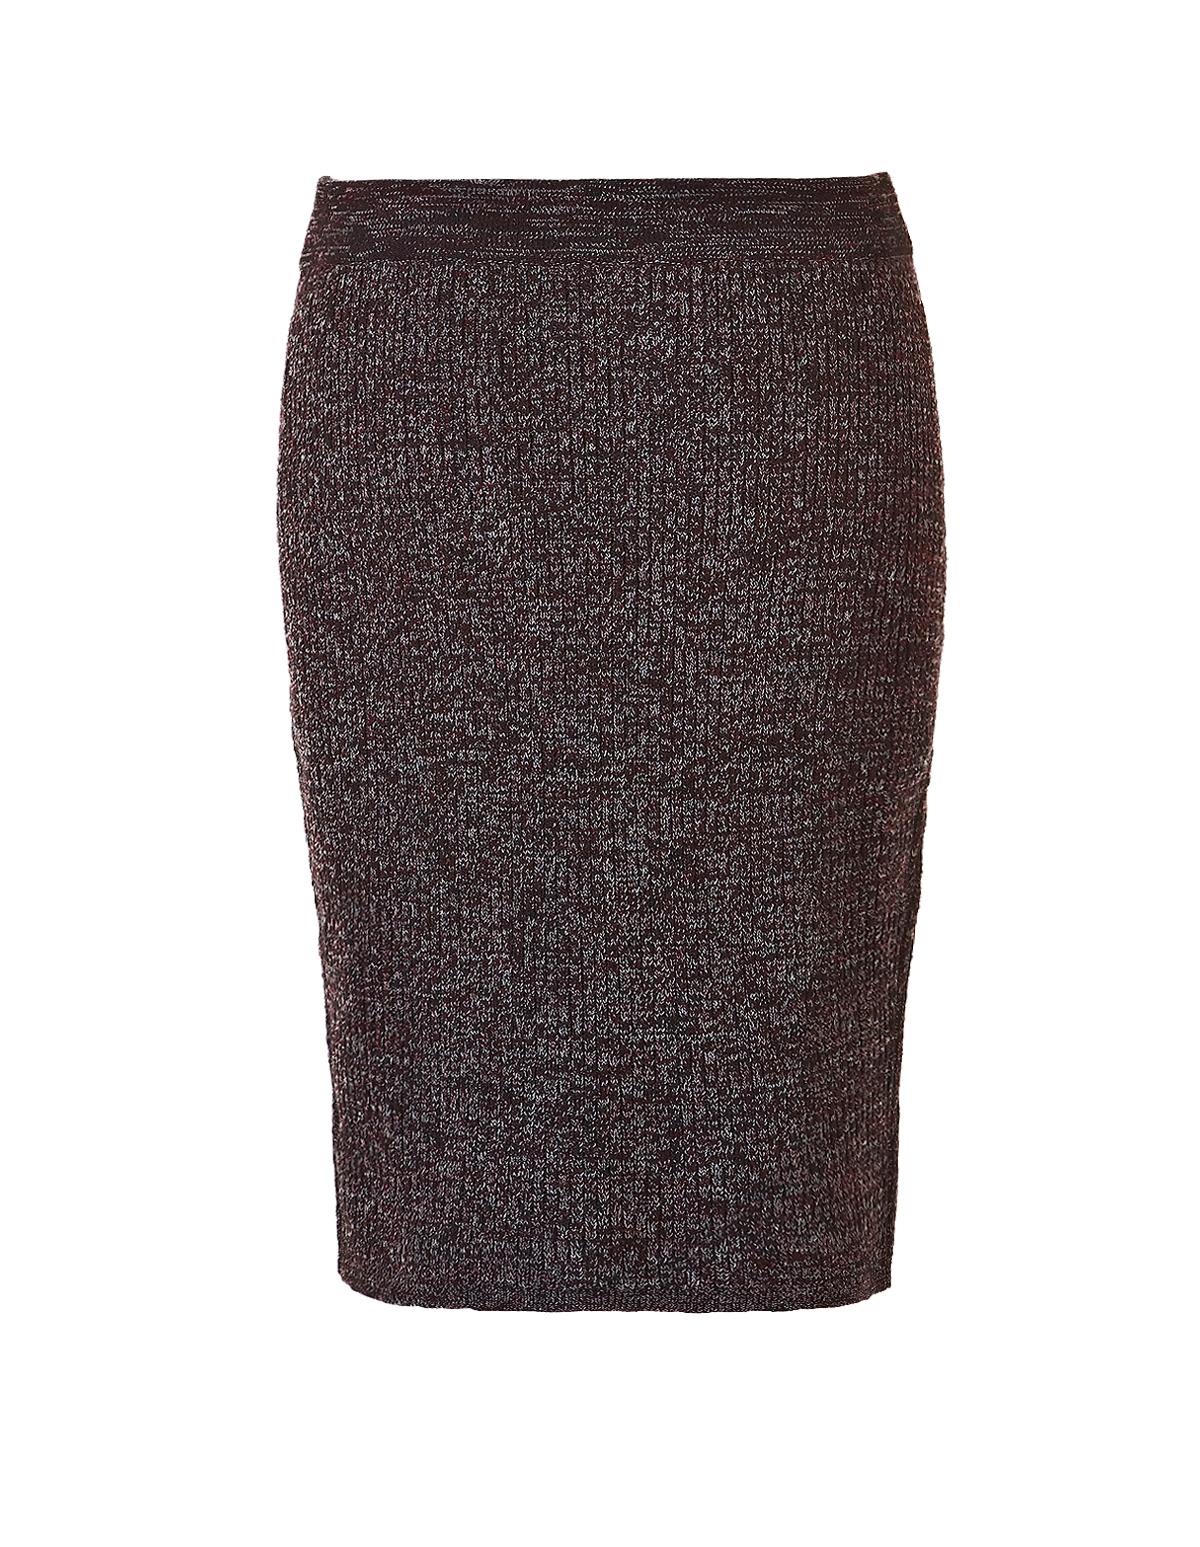 Sweater Knit Skirt 18